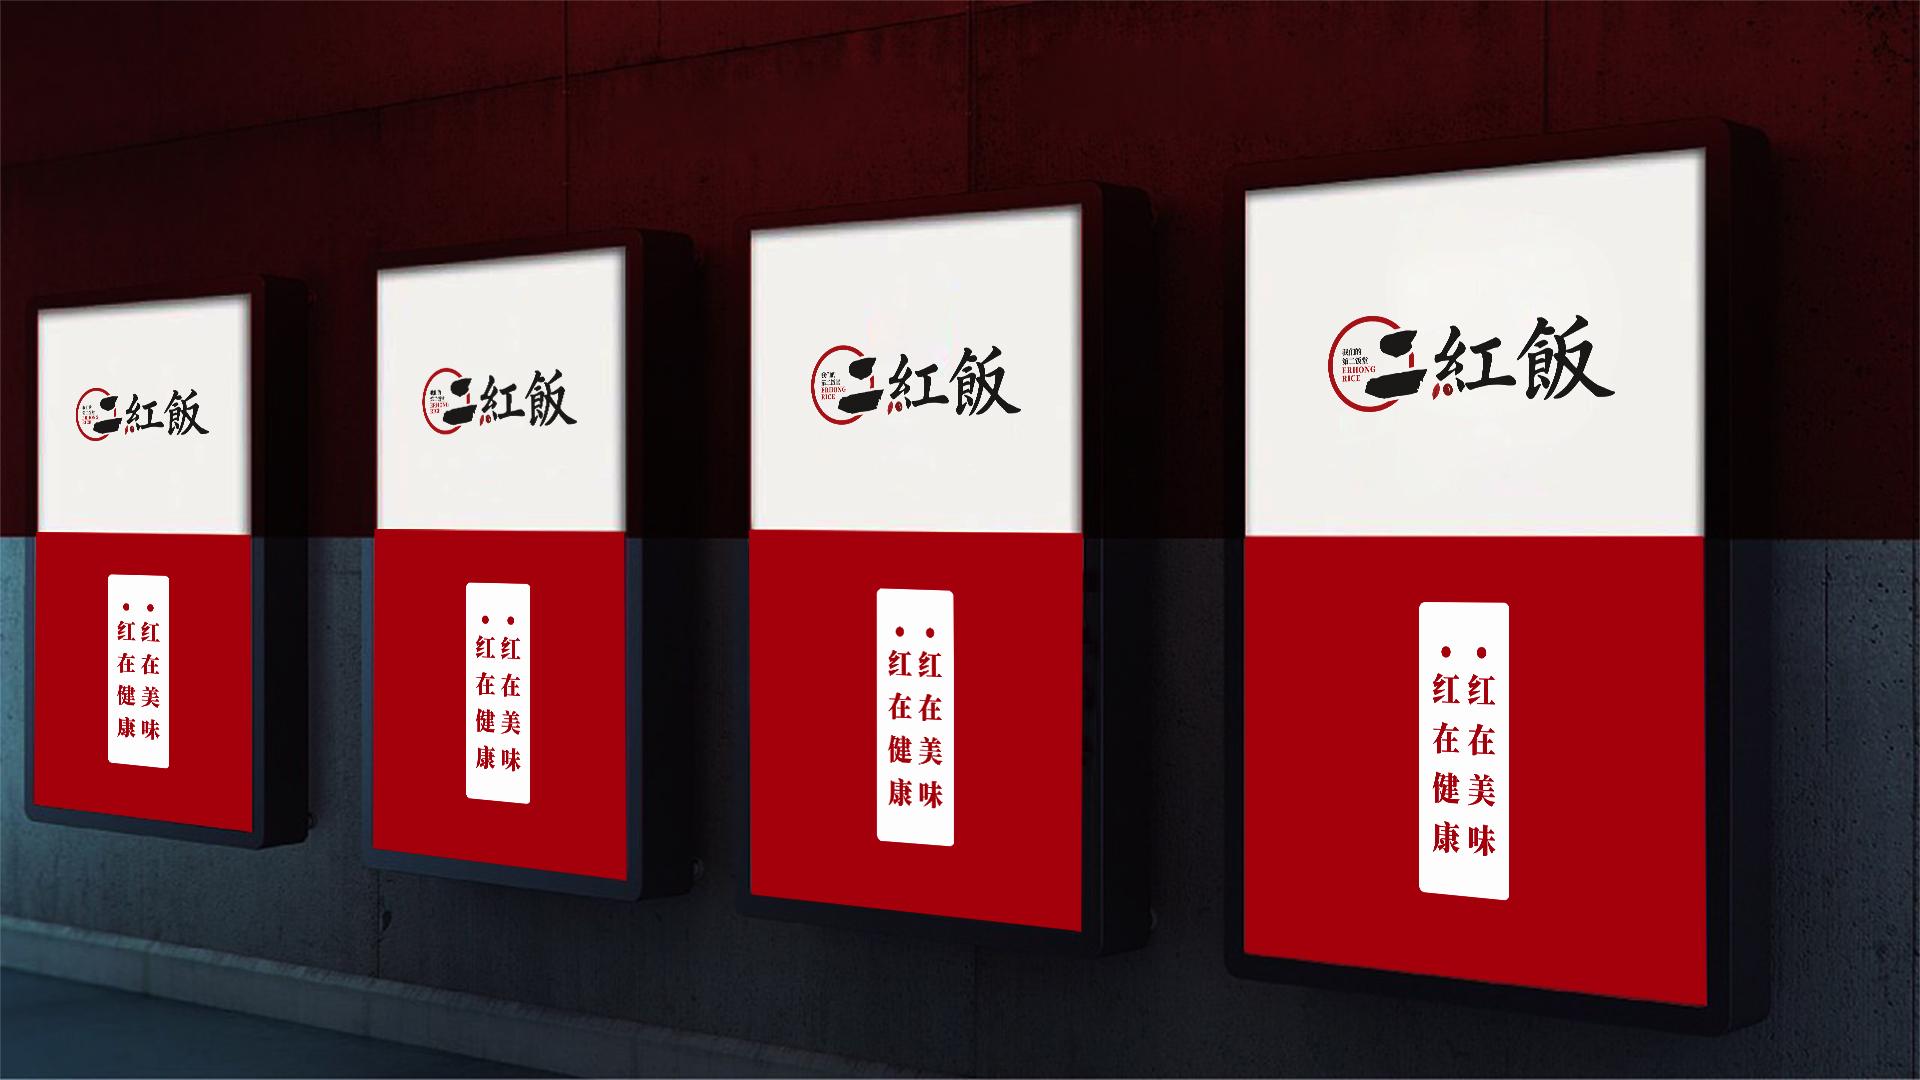 湖北餐饮品牌营销策划设计